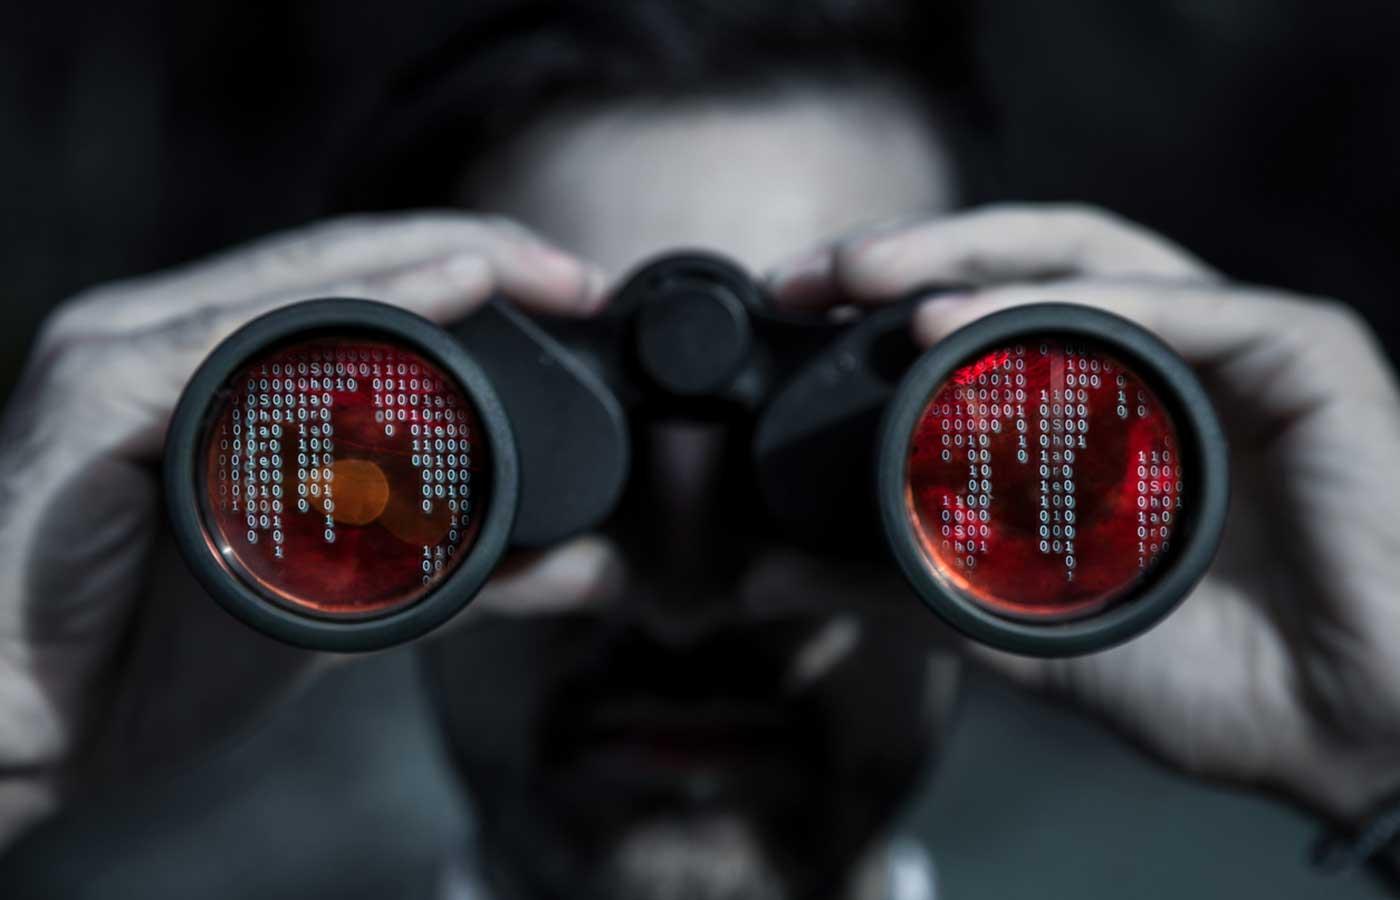 Исследователи изучили более 17 000 приложений для Android, чтобы убедиться в отсутствии слежки